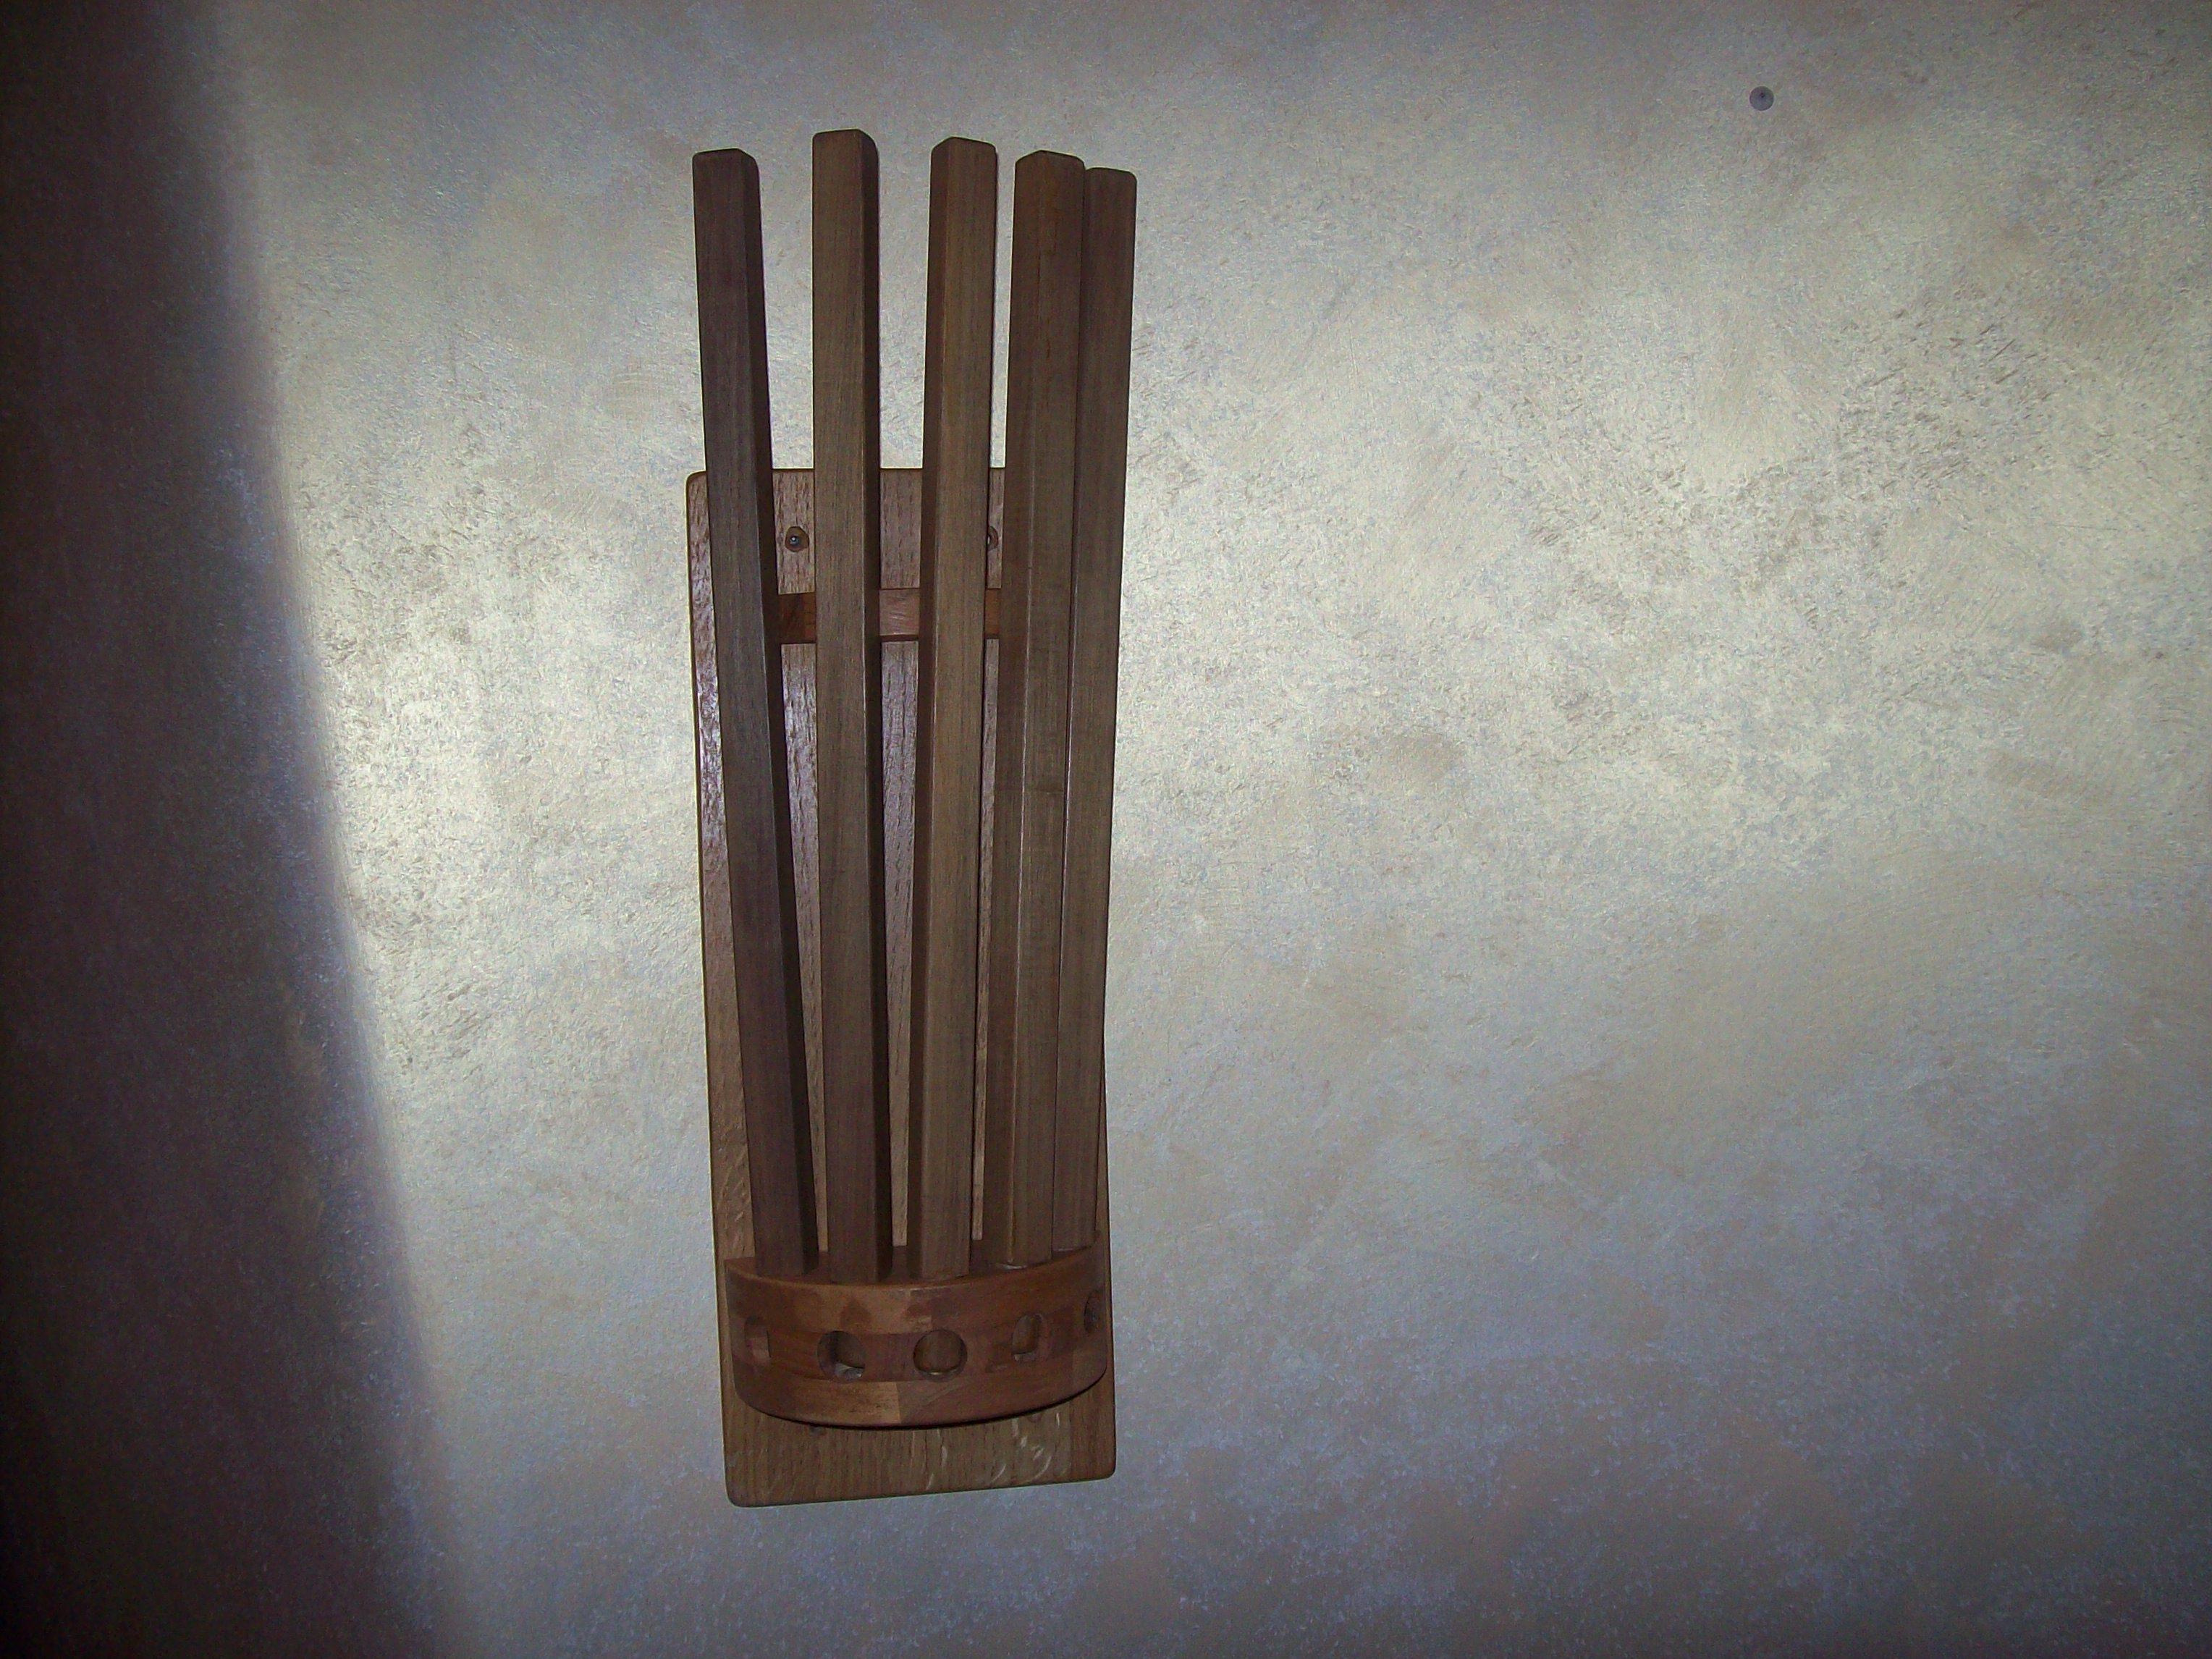 Stendibiancheria a parete philip wood - Stendibiancheria a parete a scomparsa ...